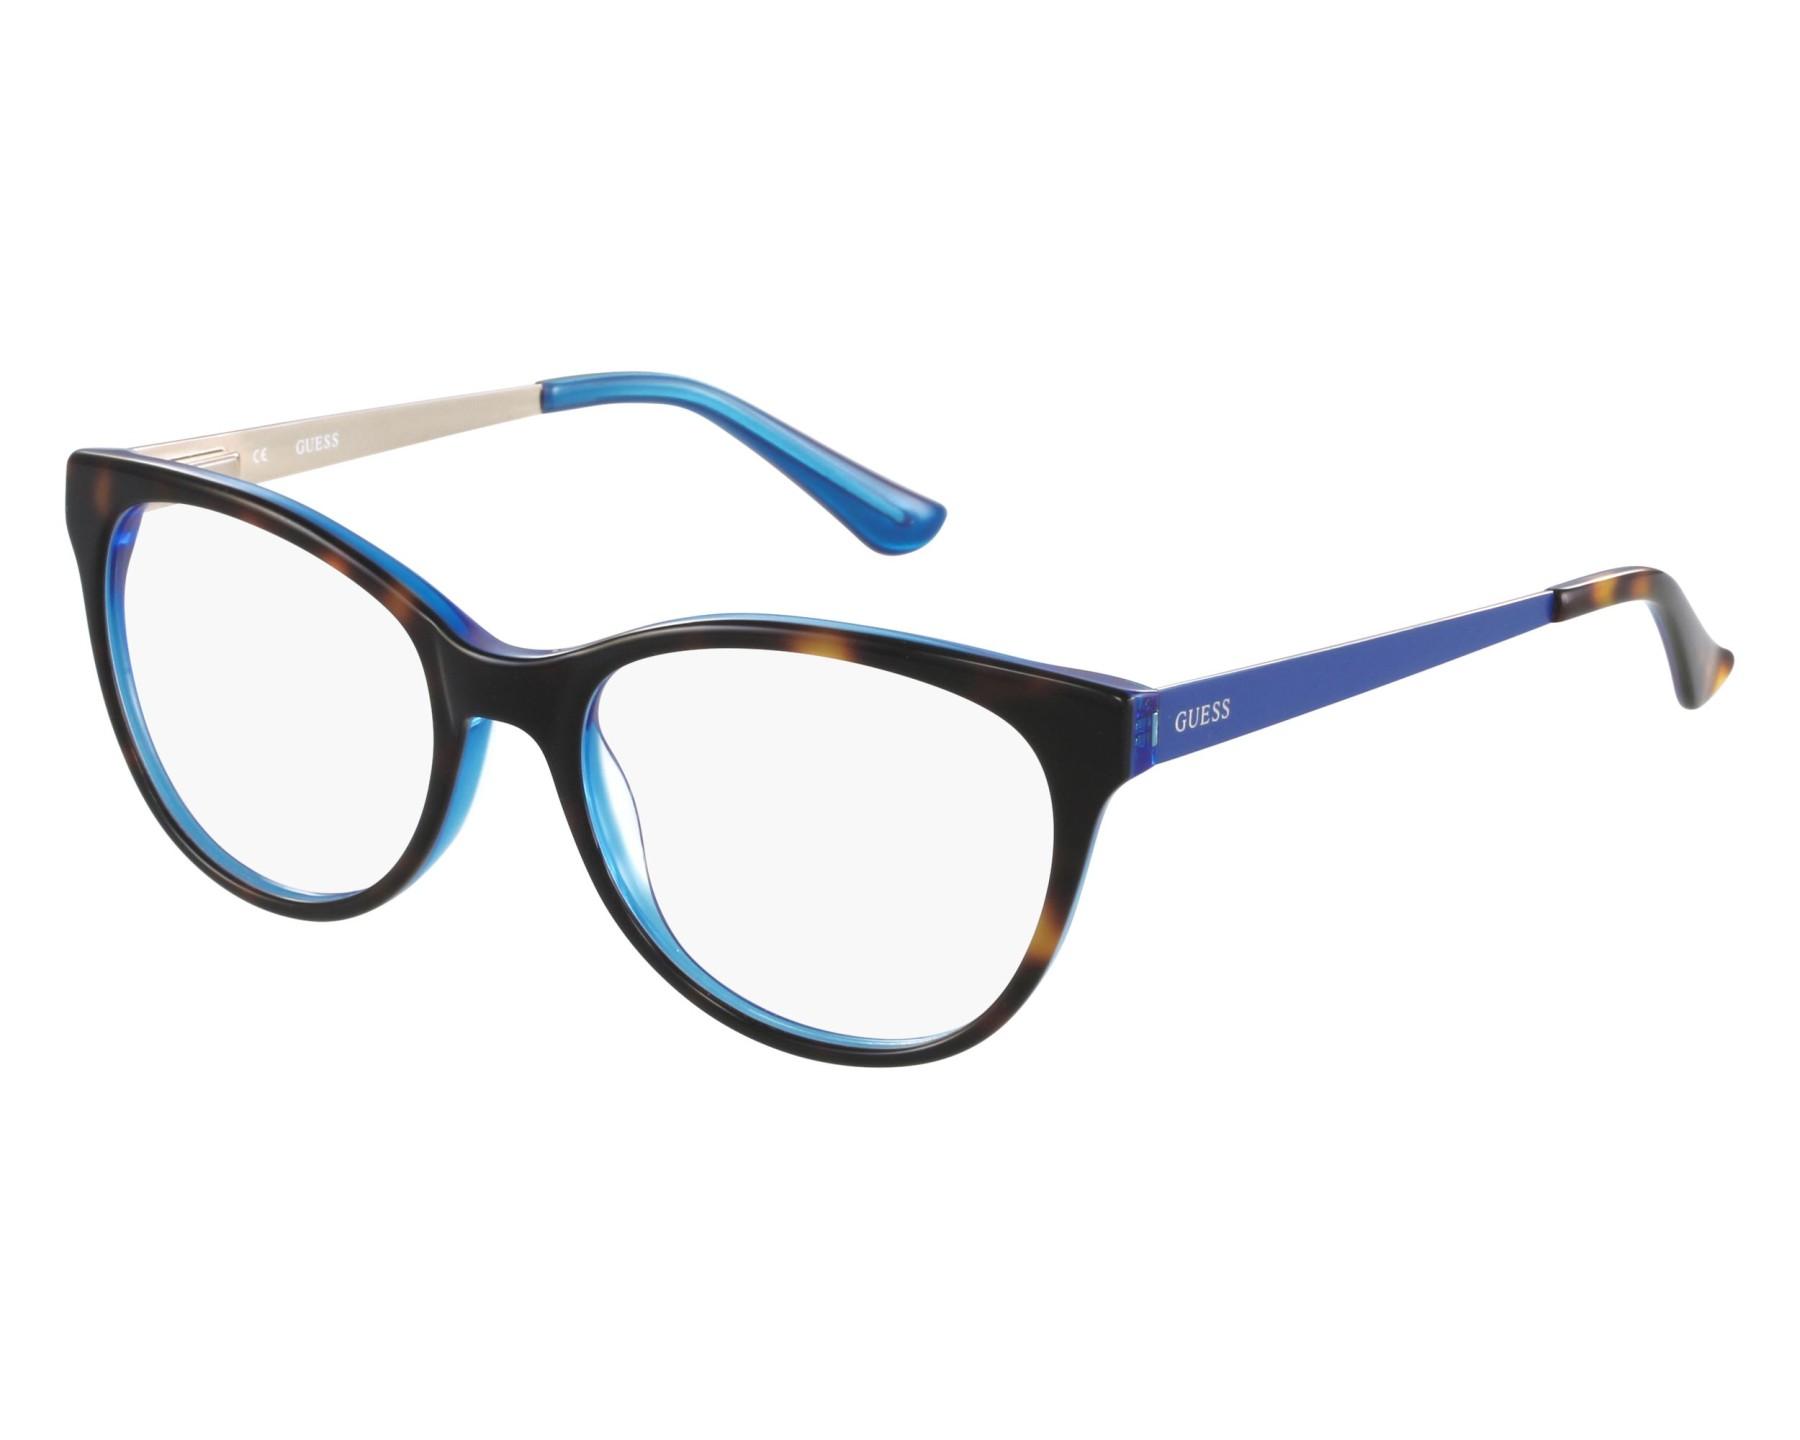 ea16df45f4dbbd Lunettes de vue Guess GU-2539 052 52-17 Havane Bleu vue de face